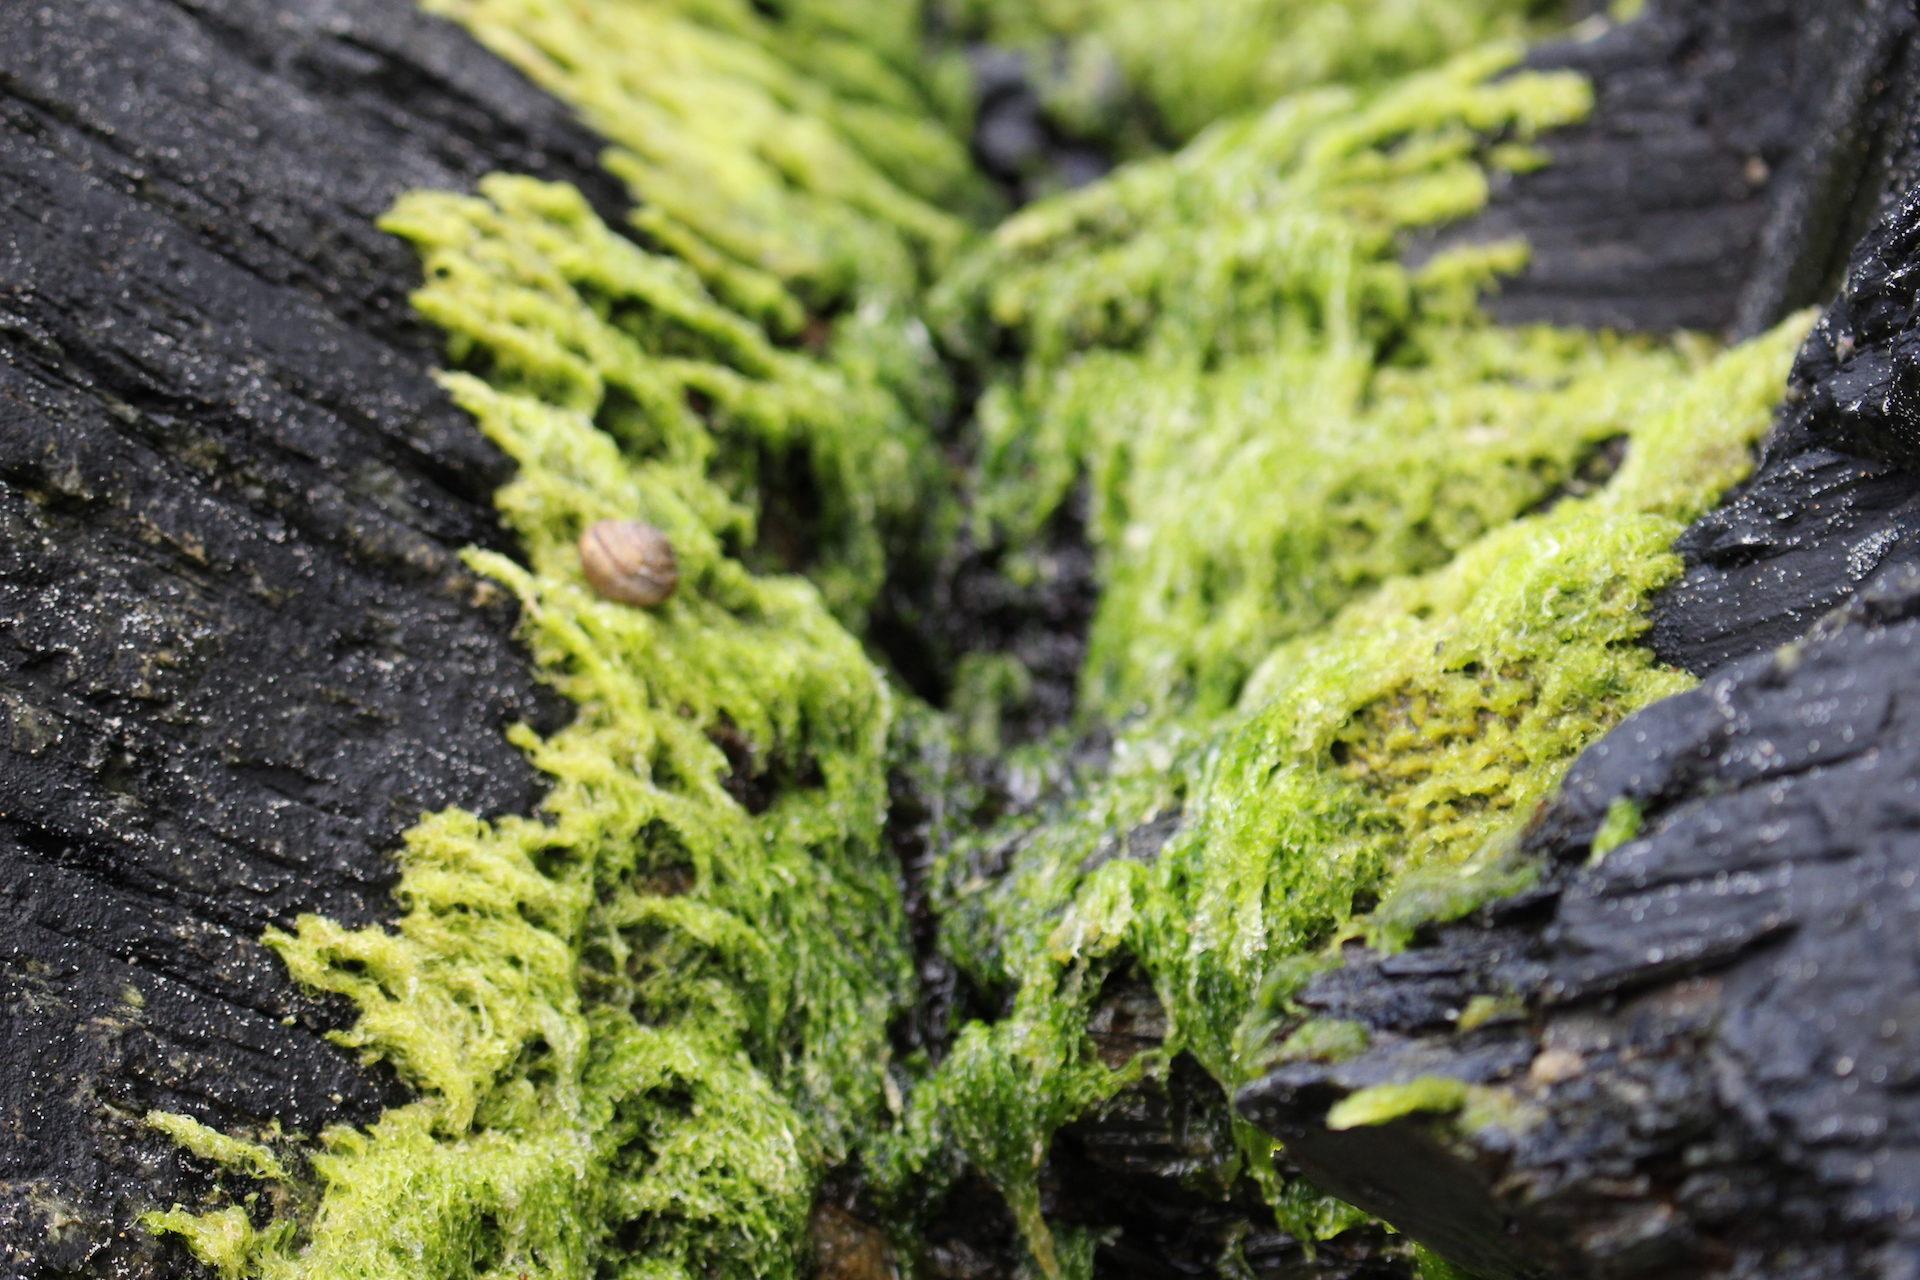 algas, piedras, caracol, playa, verde - Fondos de Pantalla HD - professor-falken.com